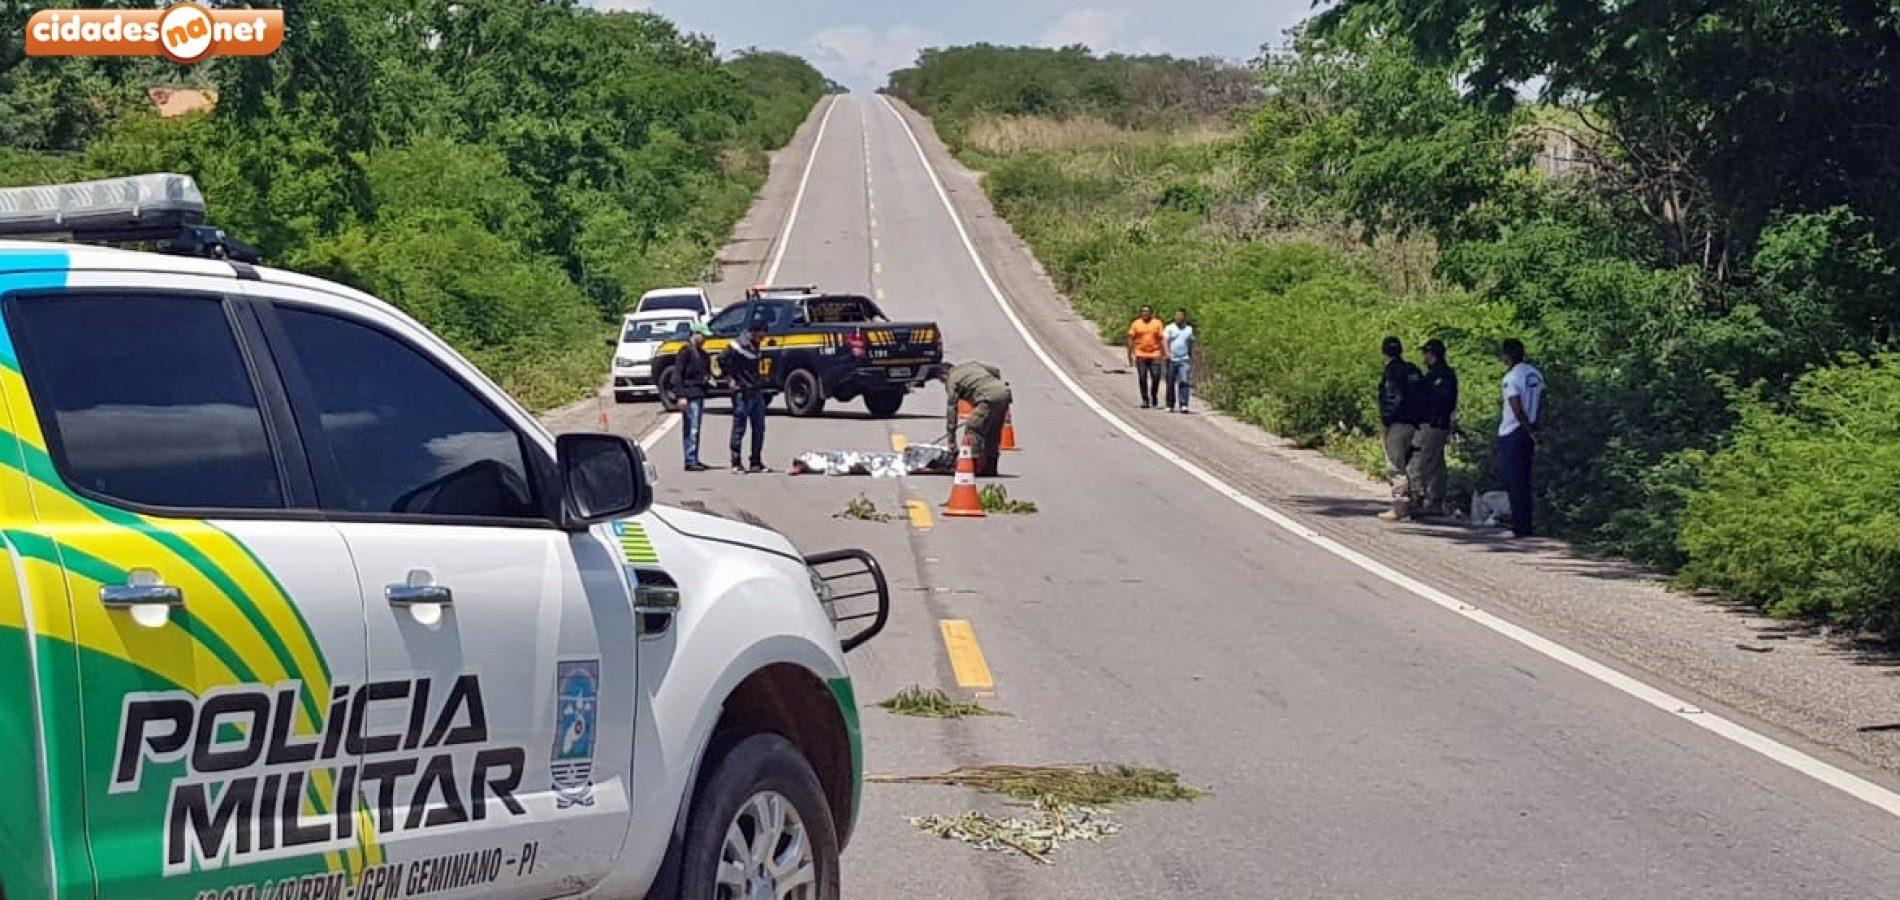 Acidente deixa homem morto na BR 407, em Geminiano; veja imagens